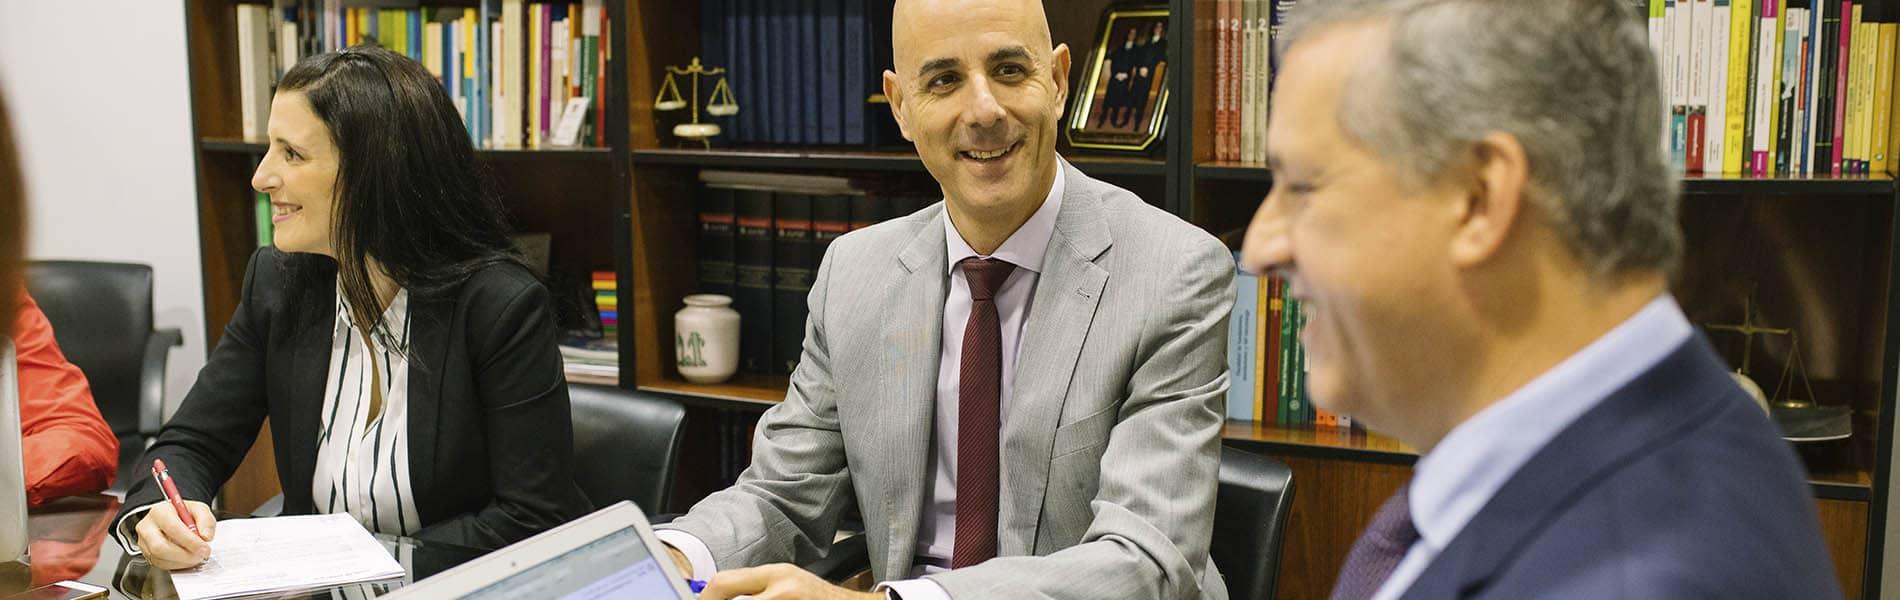 Negociación y mediación de empresas en Córdoba